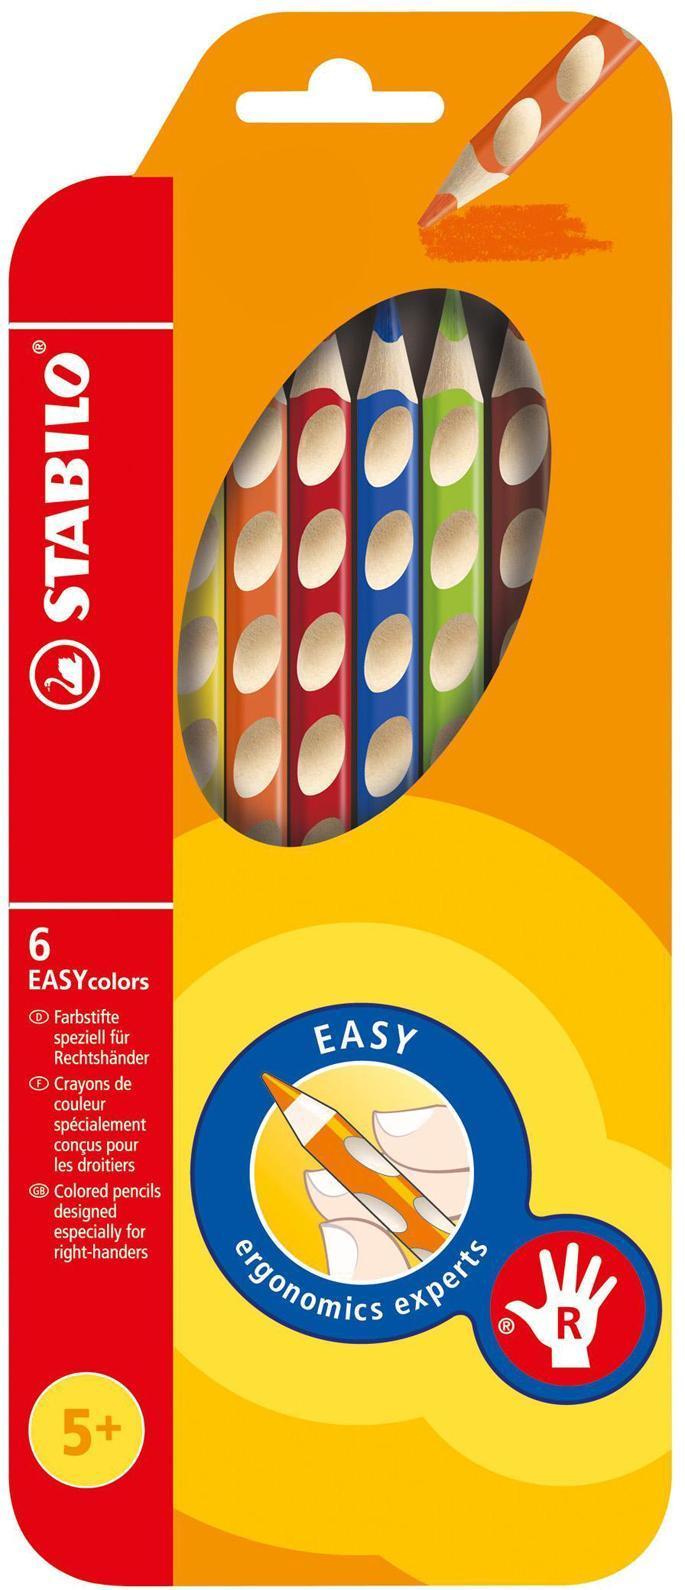 """Набор цветных карандашей """"Stabilo Easycolors"""" предназначен для правшей. Корпус карандашей разработан с учетом особенностей строения руки ребенка. Специальные углубления на корпусе карандаша подсказывают ребенку, как располагать большой и указательный пальцы, прививая навык правильно держать пишущий инструмент. Расположение углублений по всей длине корпуса обеспечивает правильное удержание карандаша ребенком при письме и рисовании даже после заточки карандаша. Трехгранная форма карандаша соответствует естественному захвату руки, уменьшая мышечные усилия, необходимые для его удержания. Ребенок может рисовать длительное время без ощущения усталости. Утолщенная форма корпуса облегчает удержание карандашей детьми с недостаточно развитой мелкой моторикой руки. В набор входят карандаши 6 цветов."""